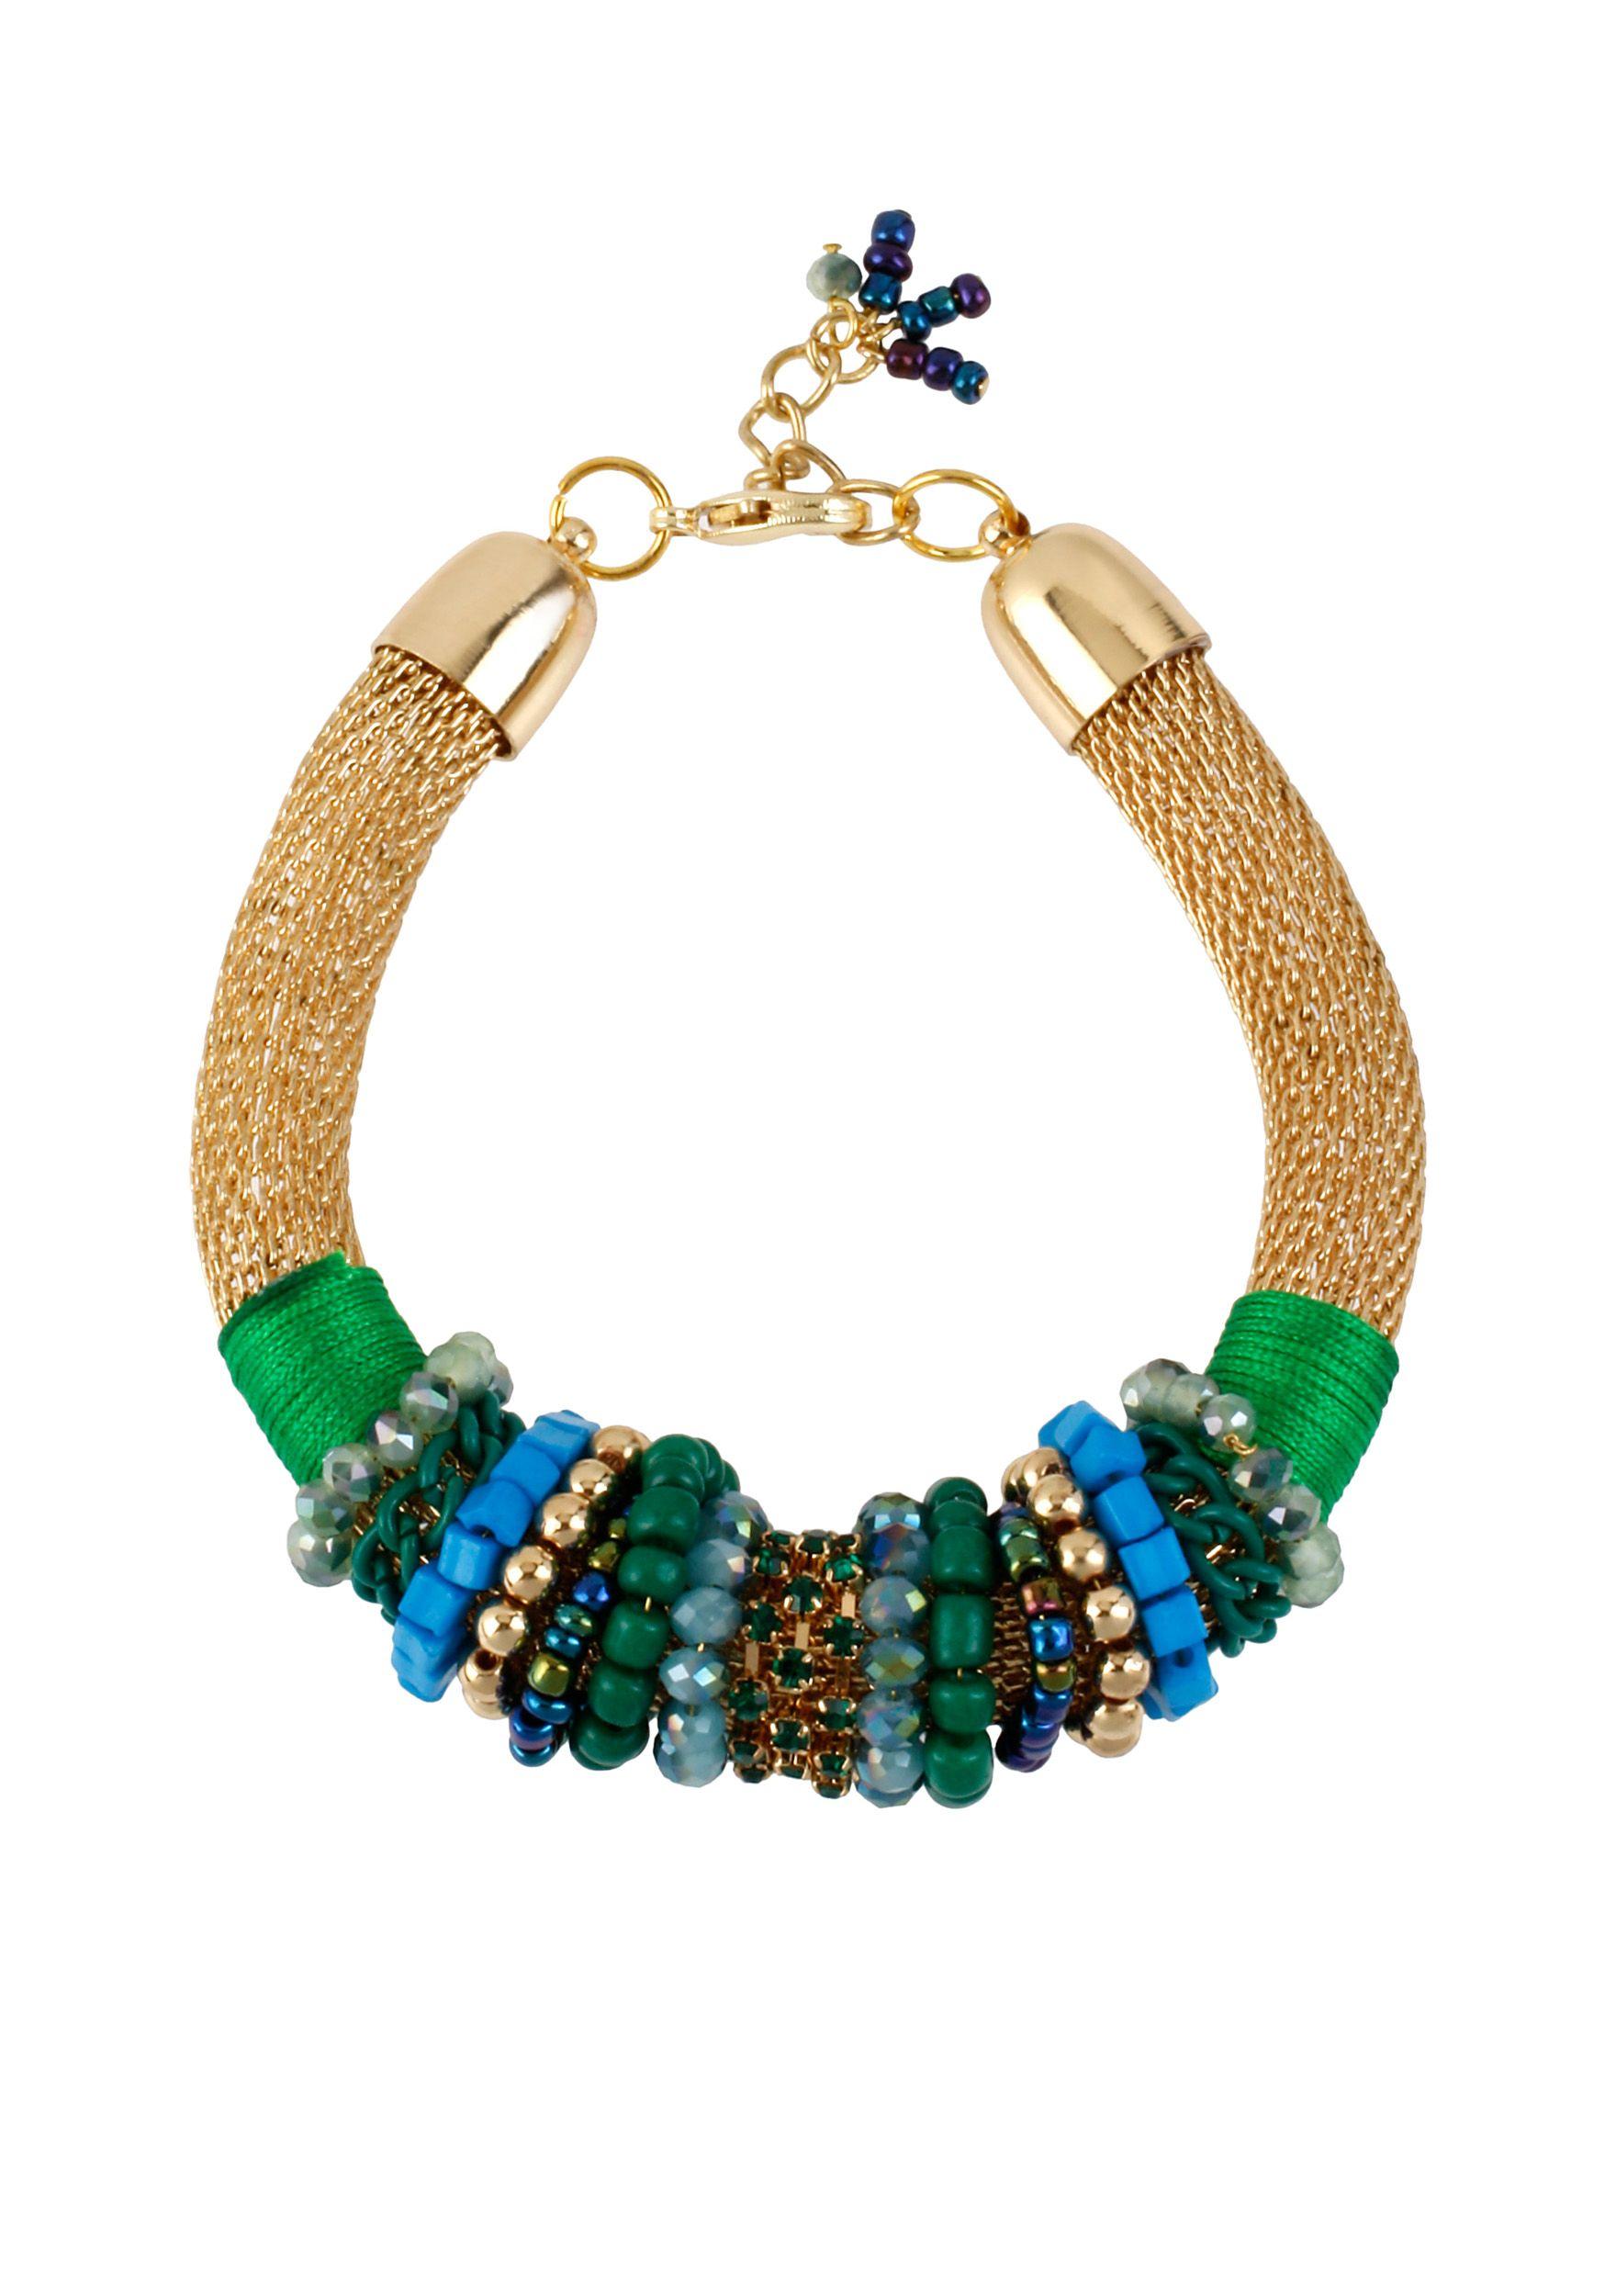 b92766d83 CYNTHIA Cynthia Rowley Green Bead & Gold Mesh Bracelet  #CYNTHIACynthiaRowleyExclusively@Belk